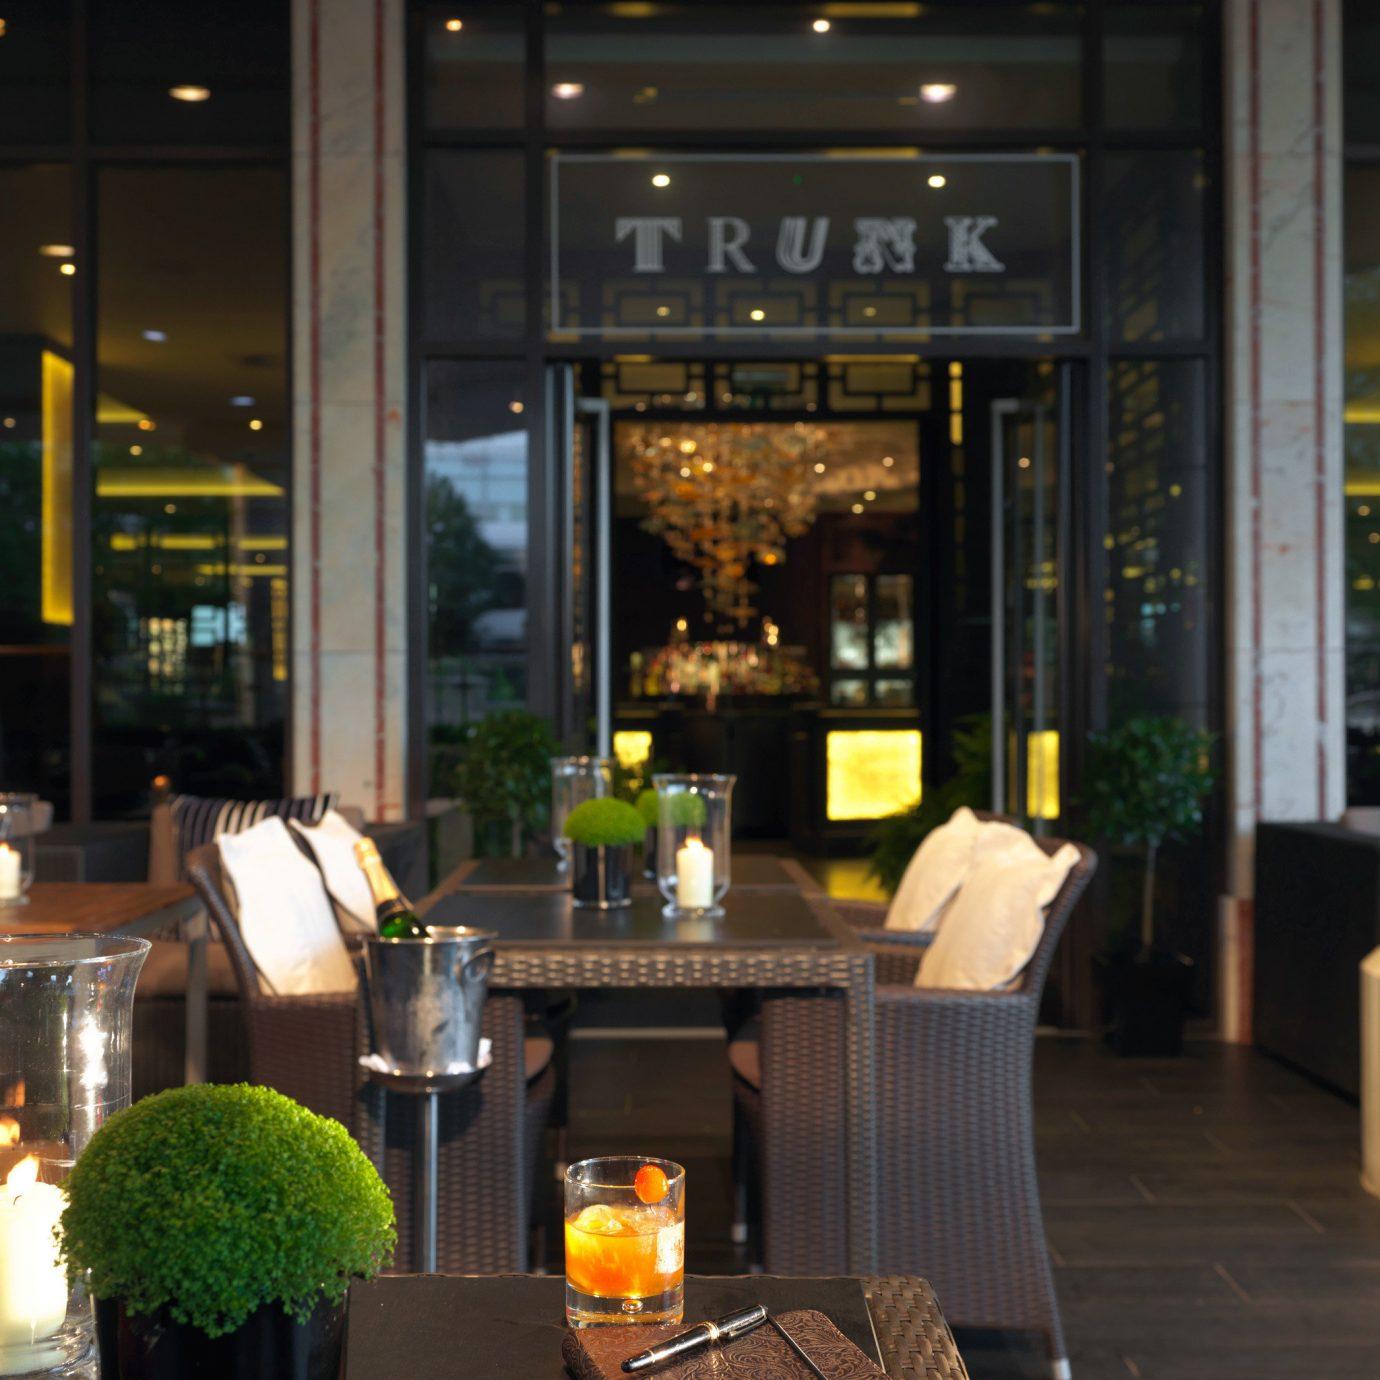 Lobby restaurant lighting Bar